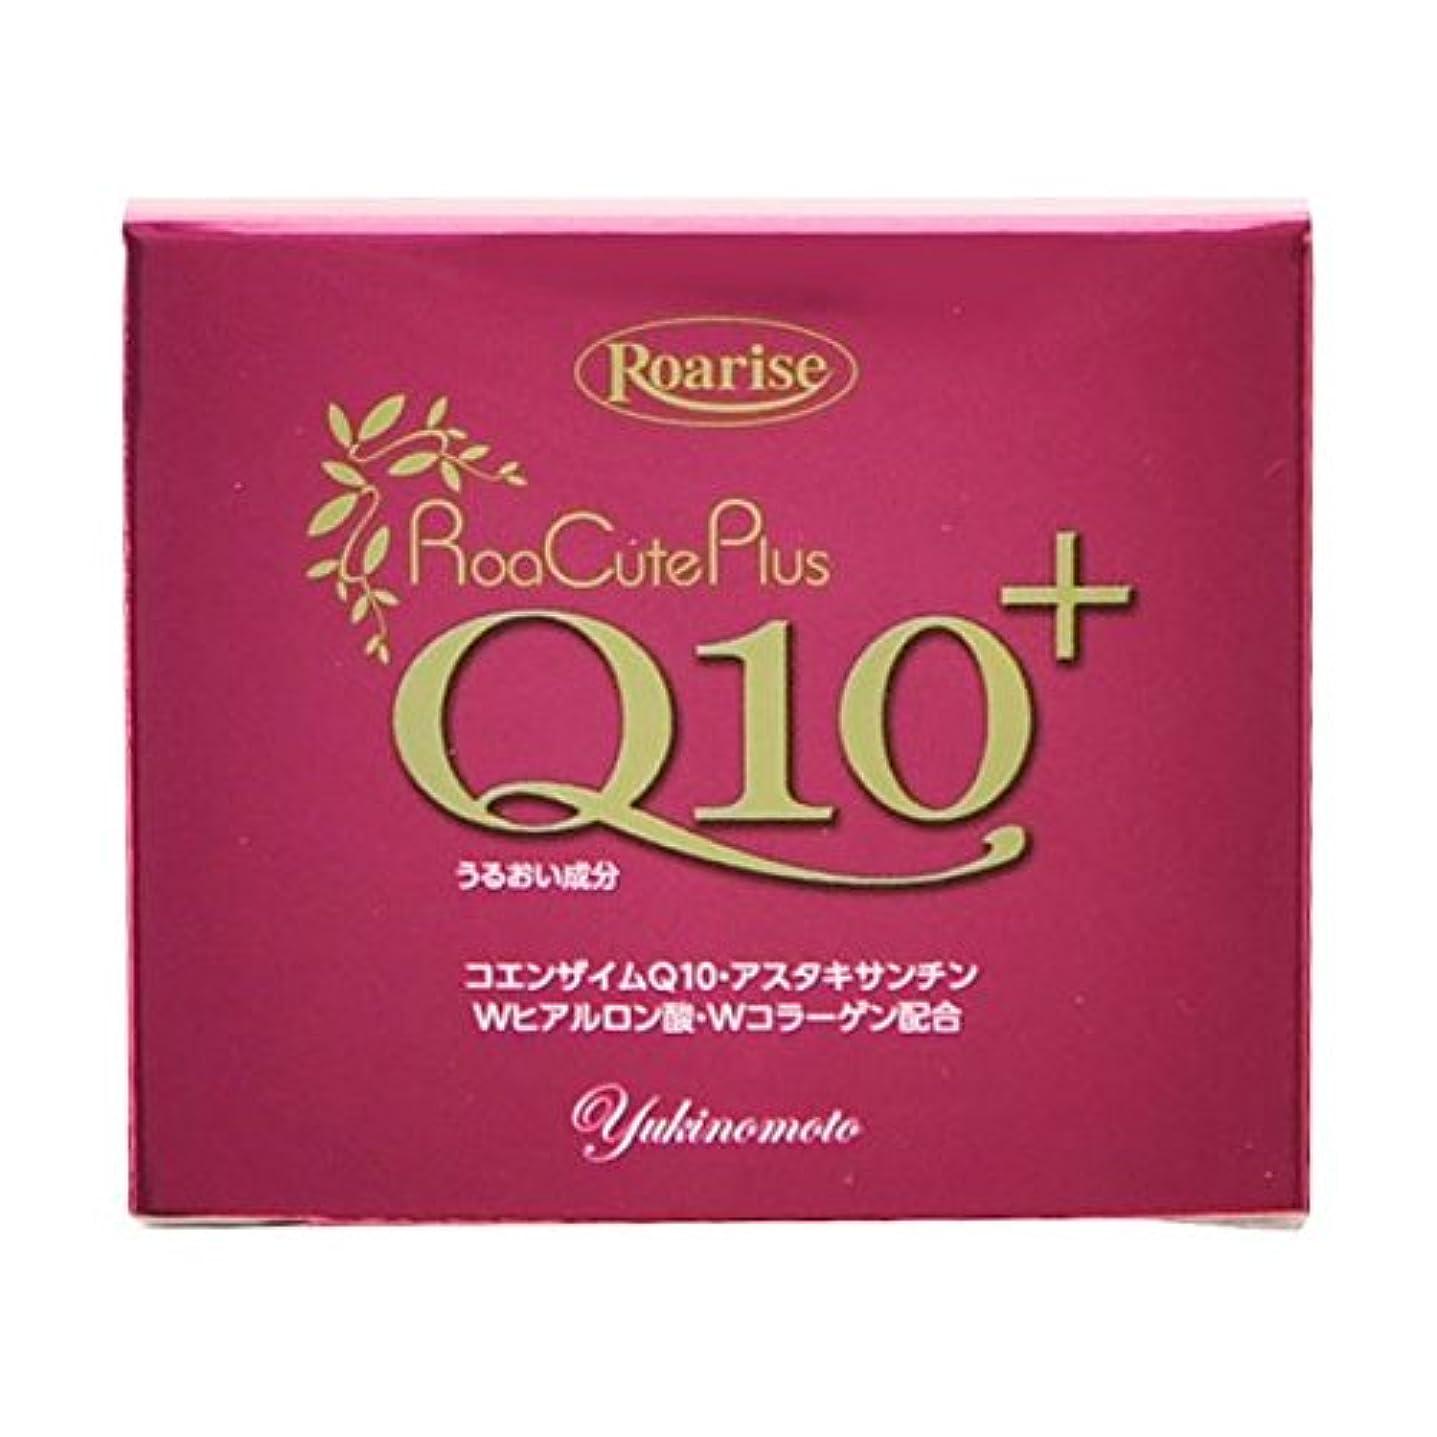 可能カストディアンママ【お徳用 2 セット】 薬用ロアキュートプラス Q10+ 50g×2セット